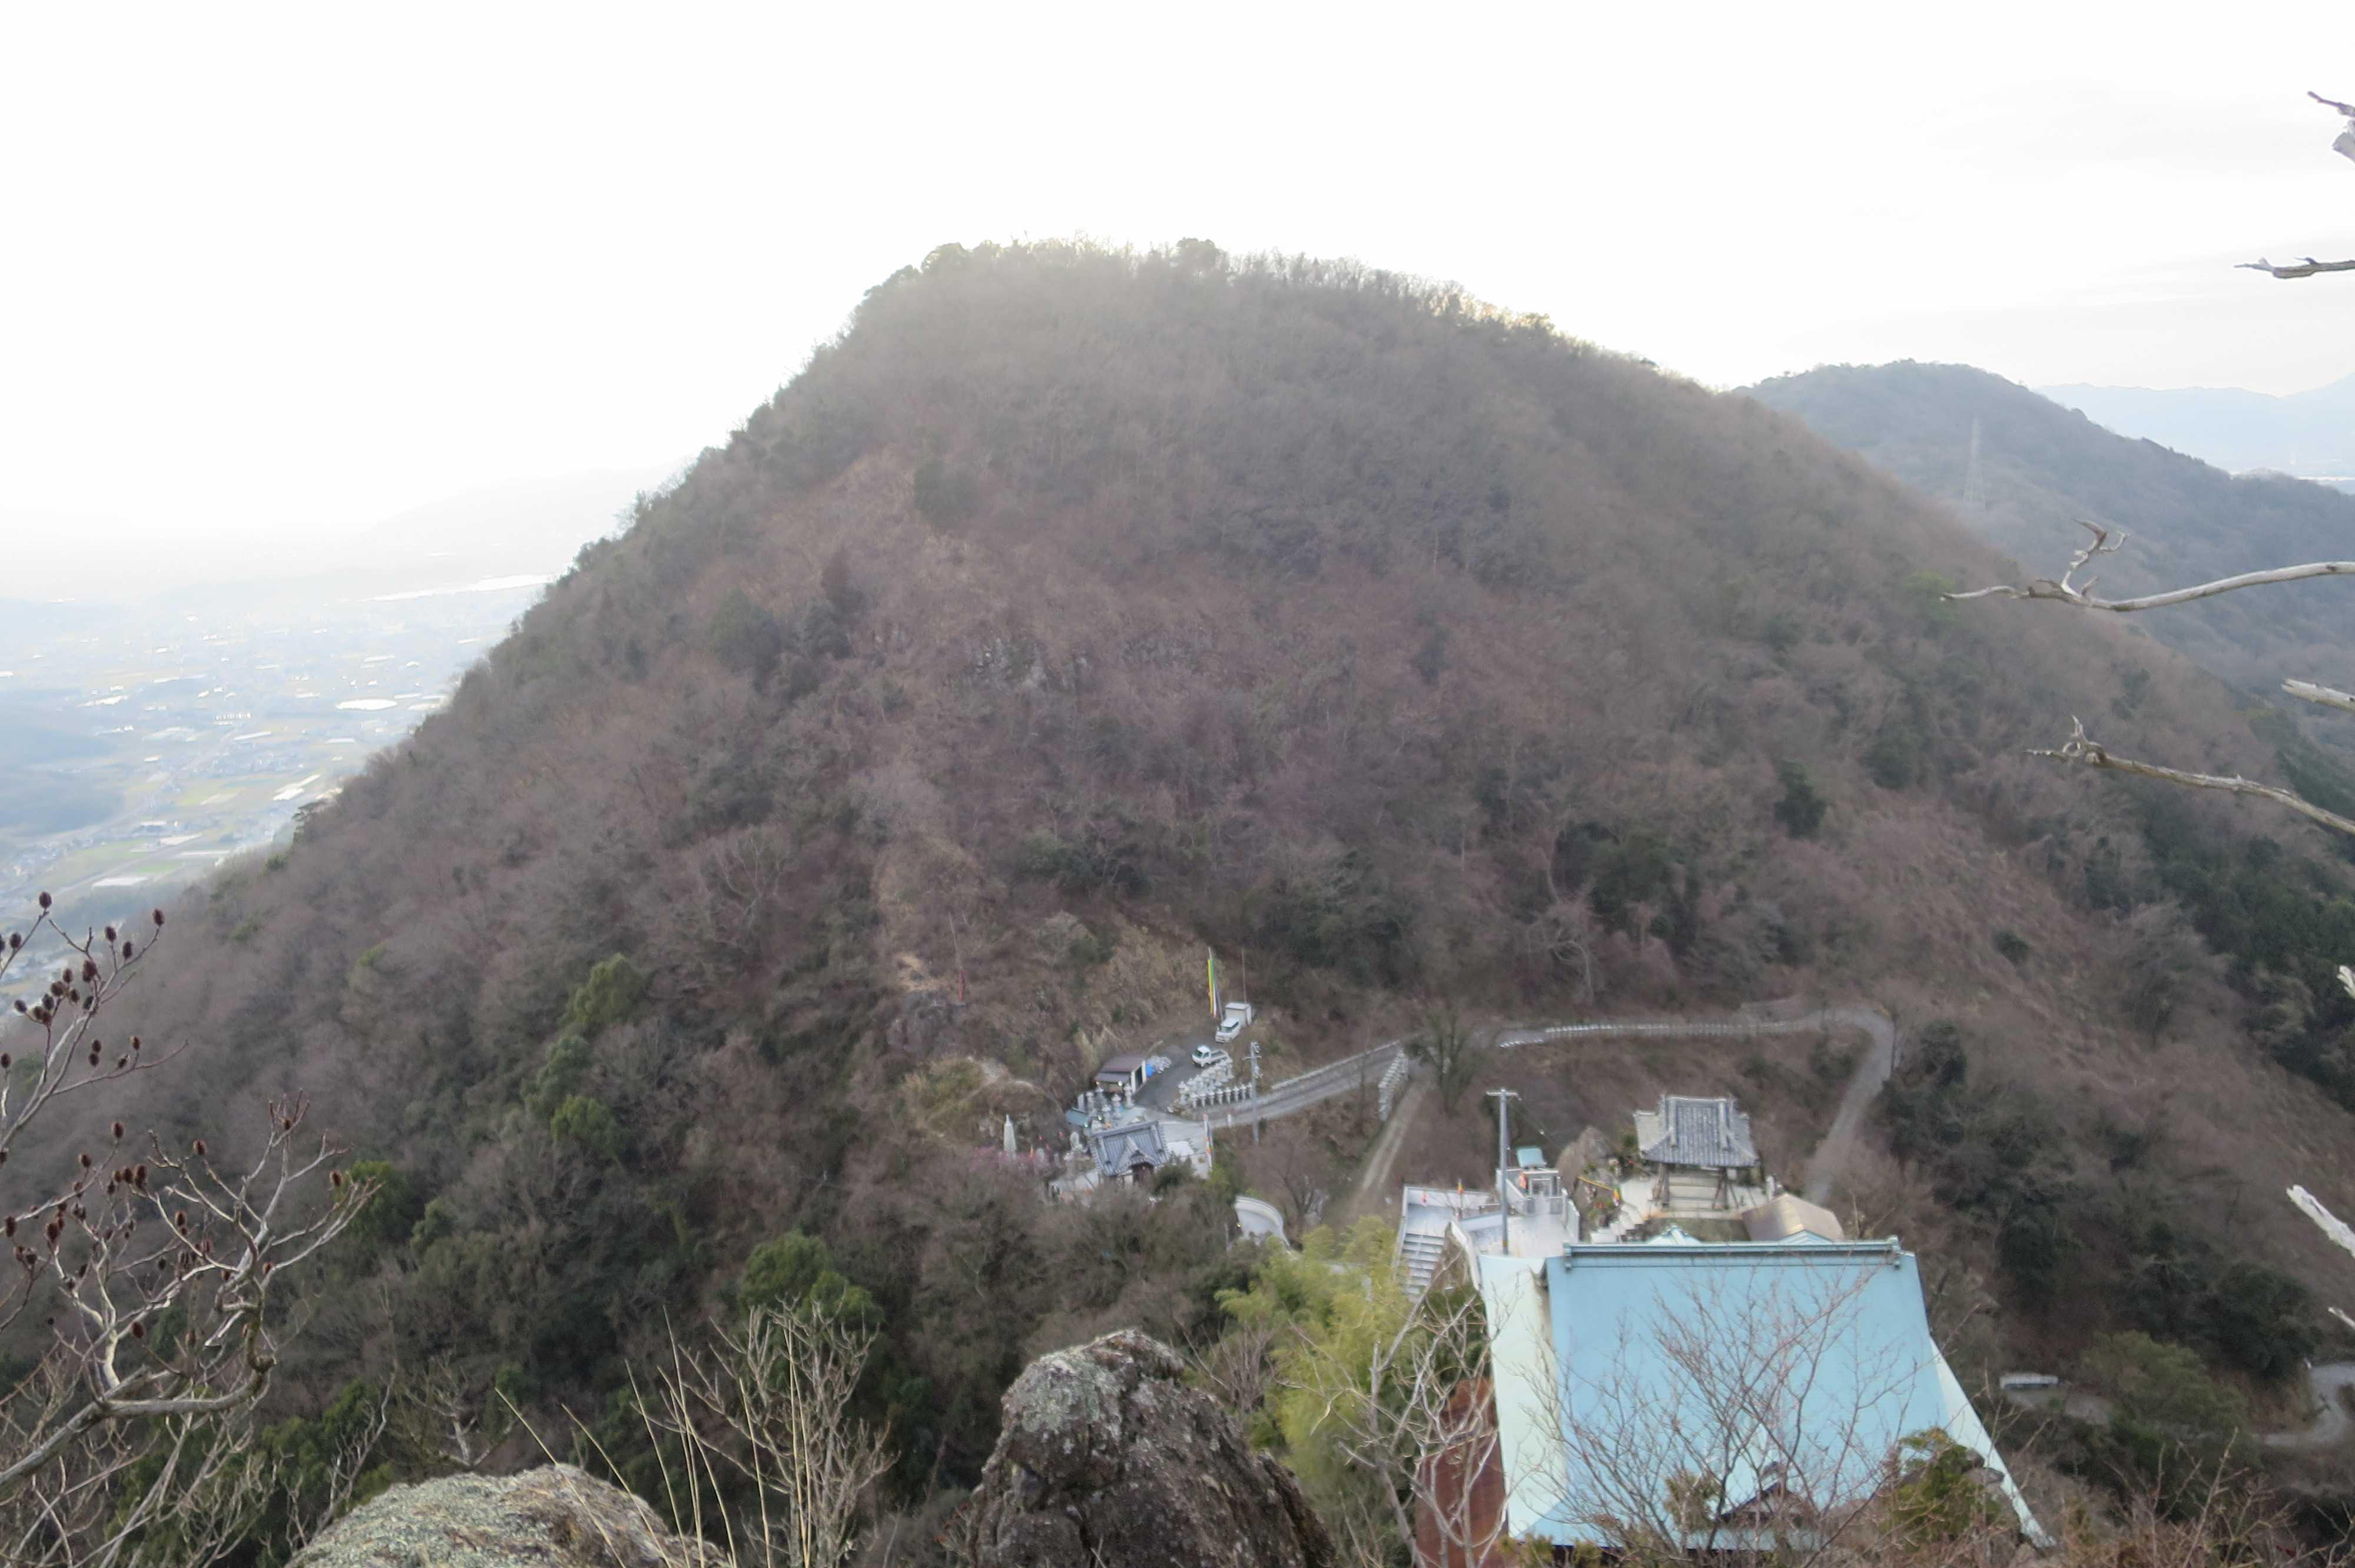 断崖絶壁 - 奥の院捨身ヶ嶽禅定